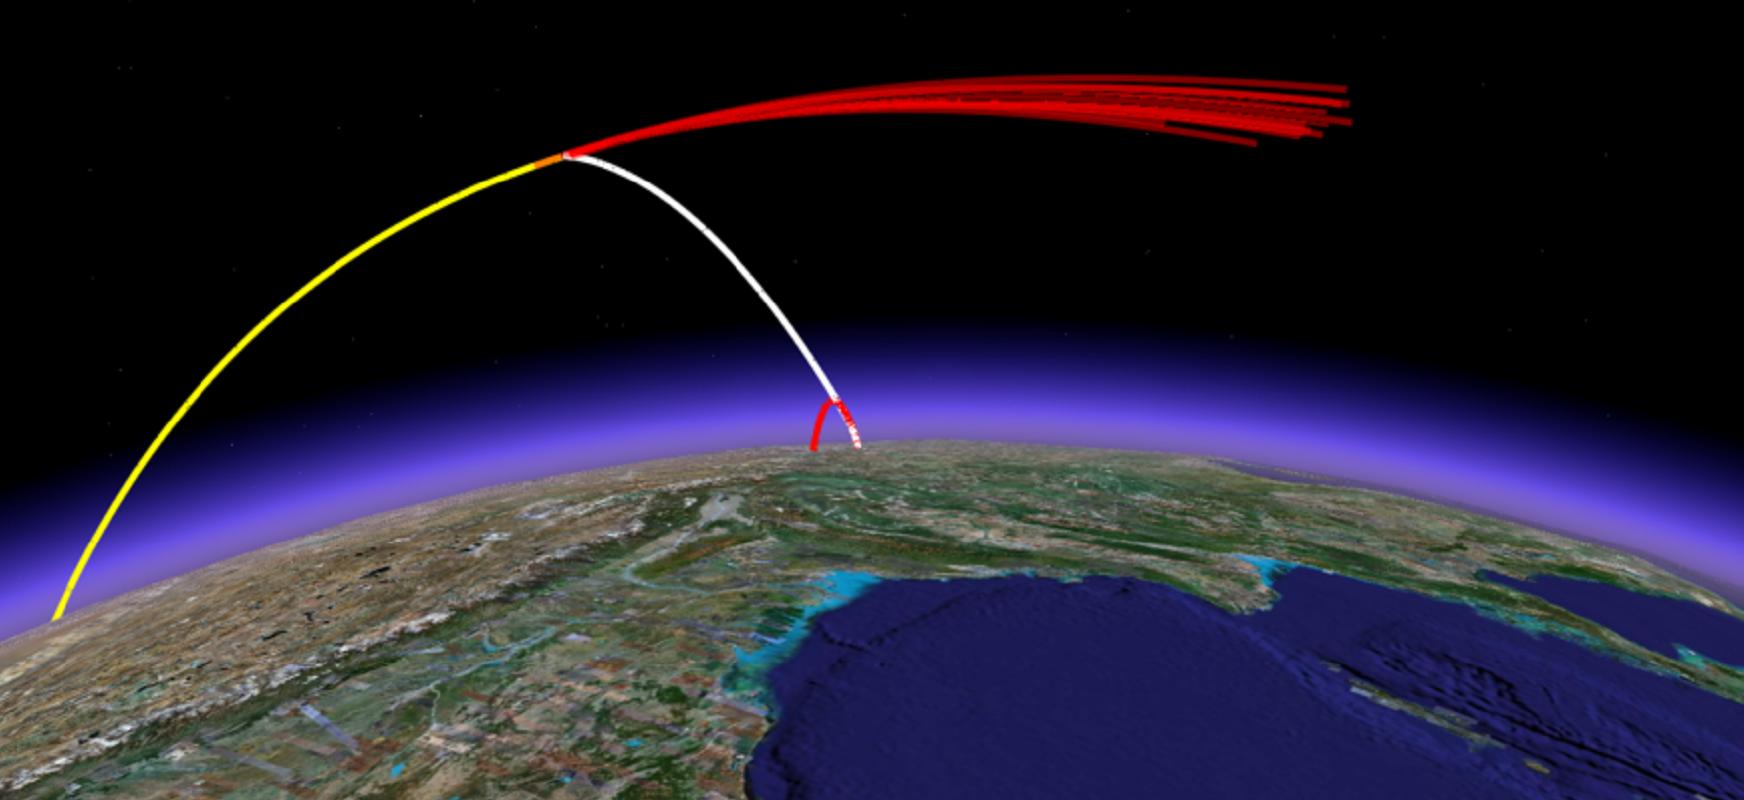 Errusia satelite bidezko tiro sistema bat probatzen ari da.  Amerikarrek onartzen dute sistema honek mehatxatzen dituela